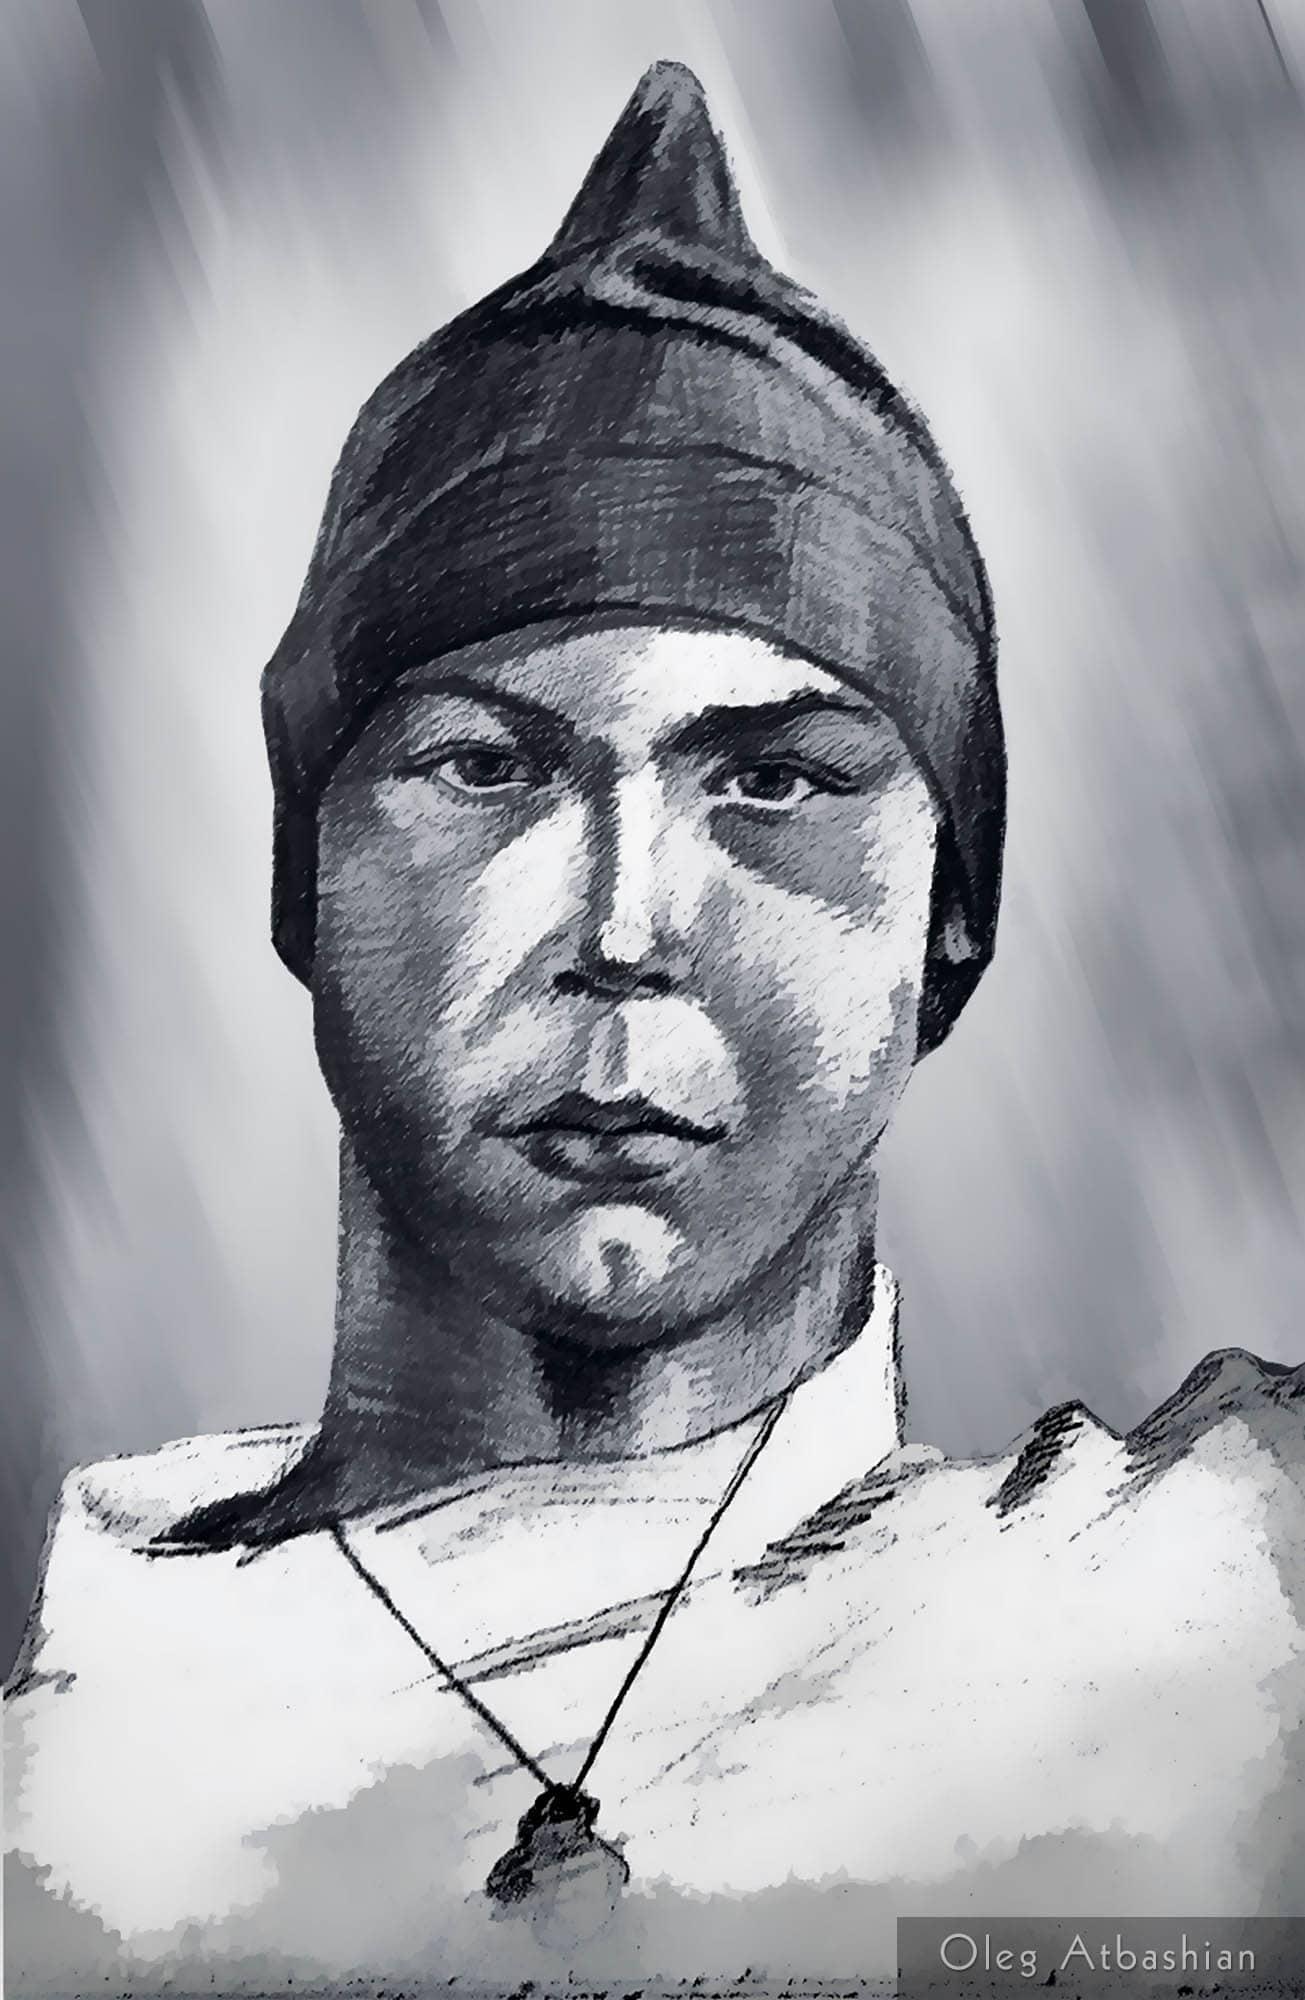 Portr Athlete Surgut